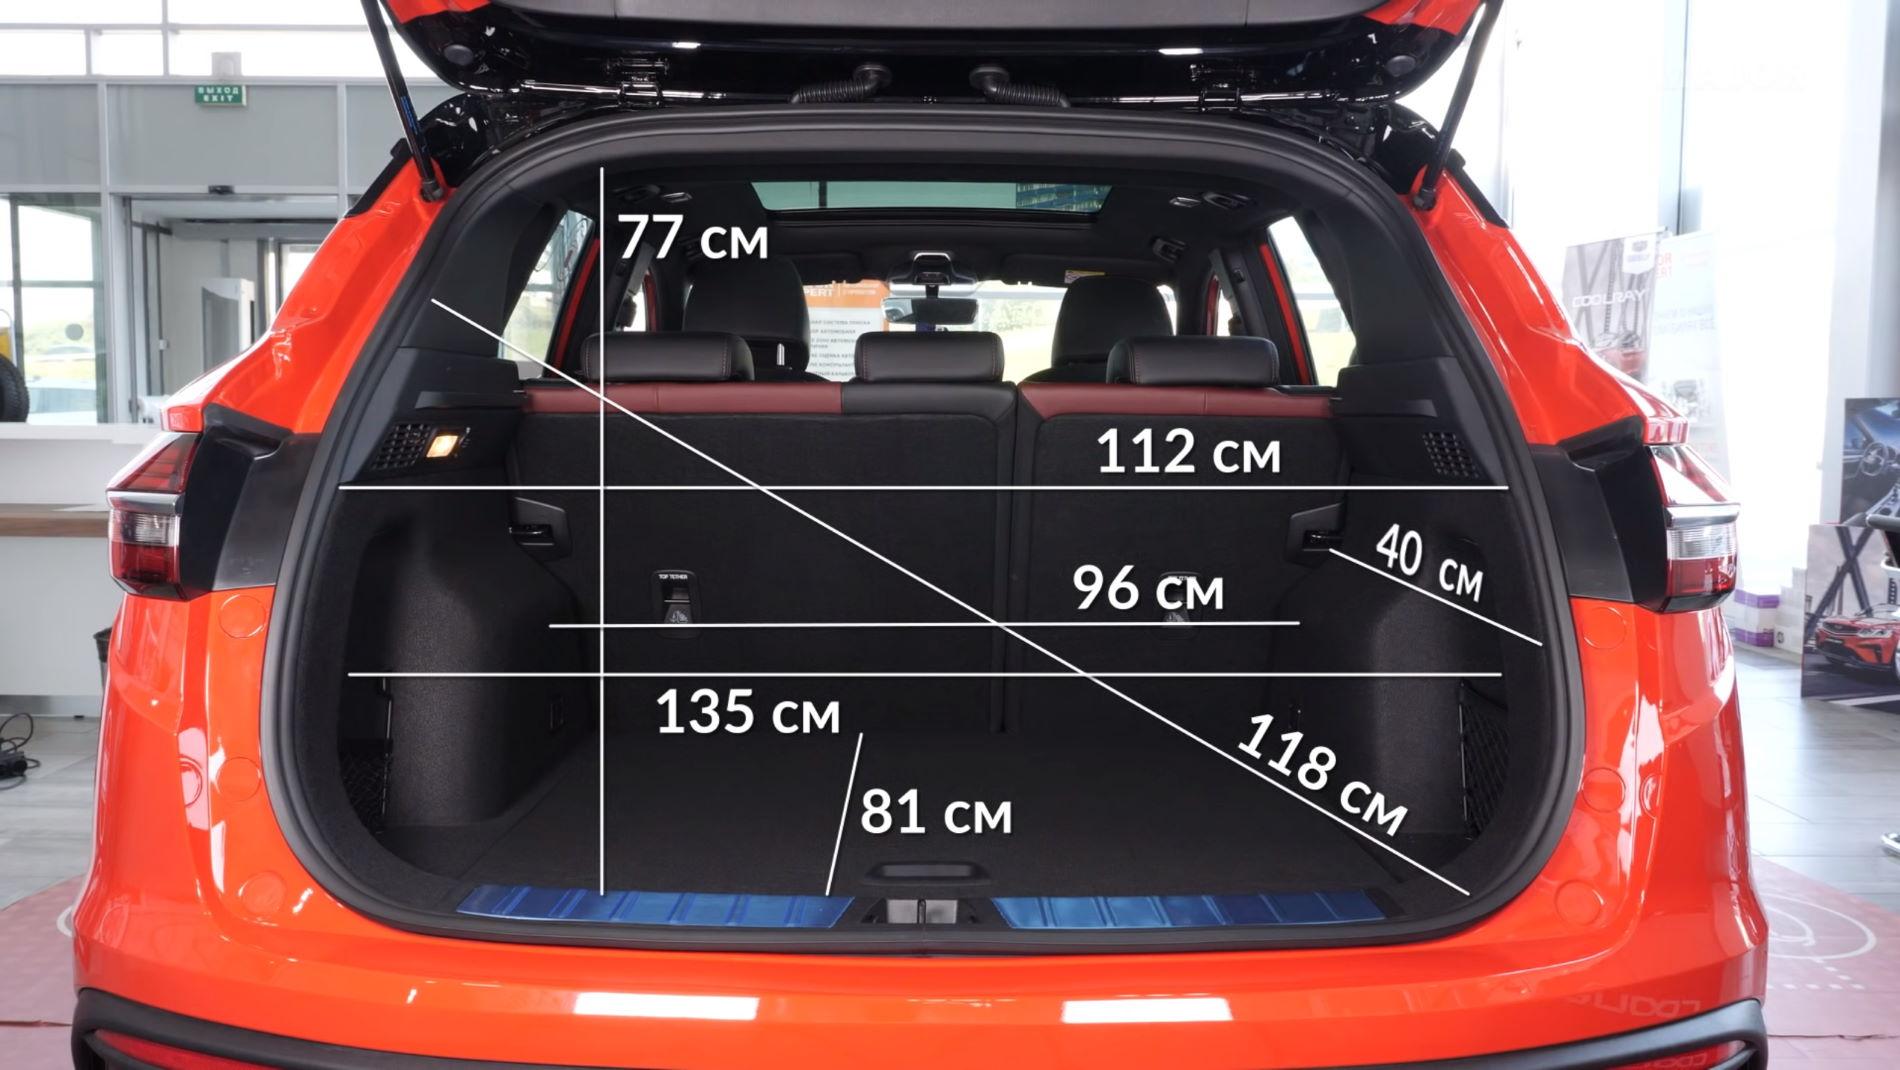 Размеры багажника Geely Coolray.jpg